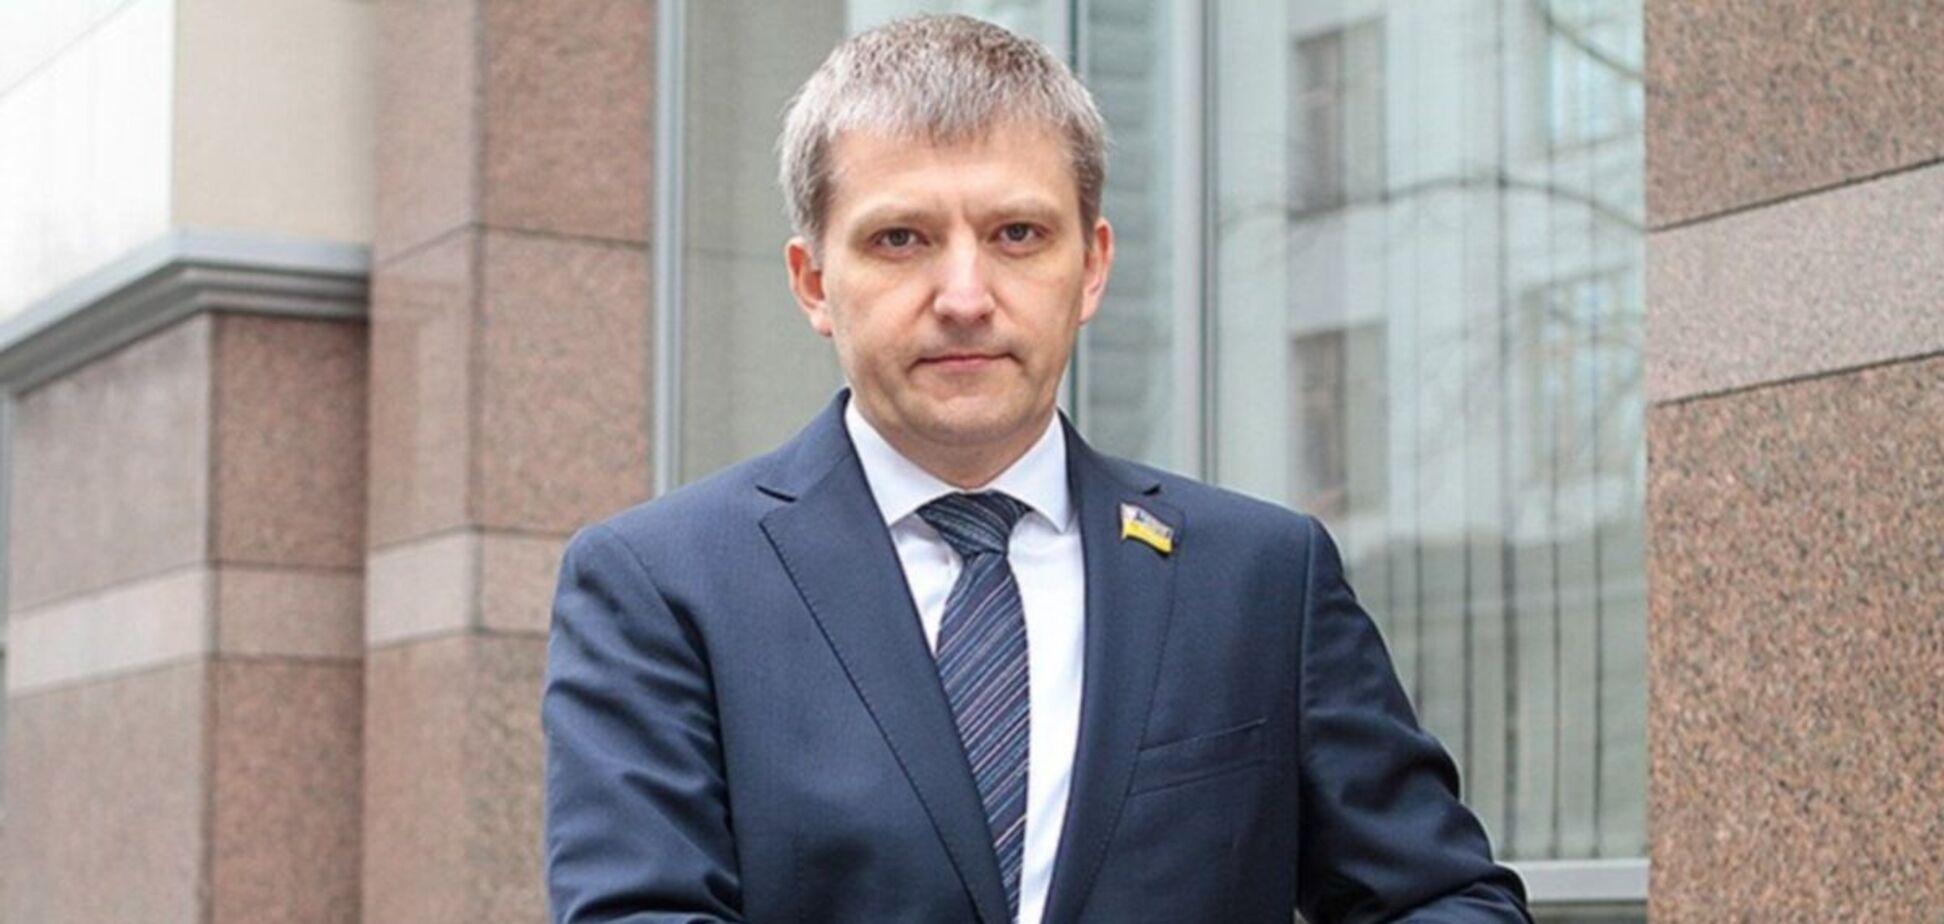 Нардеп Демченко приховав від НАБУ прибуткові компанії і гектари землі – ЗМІ